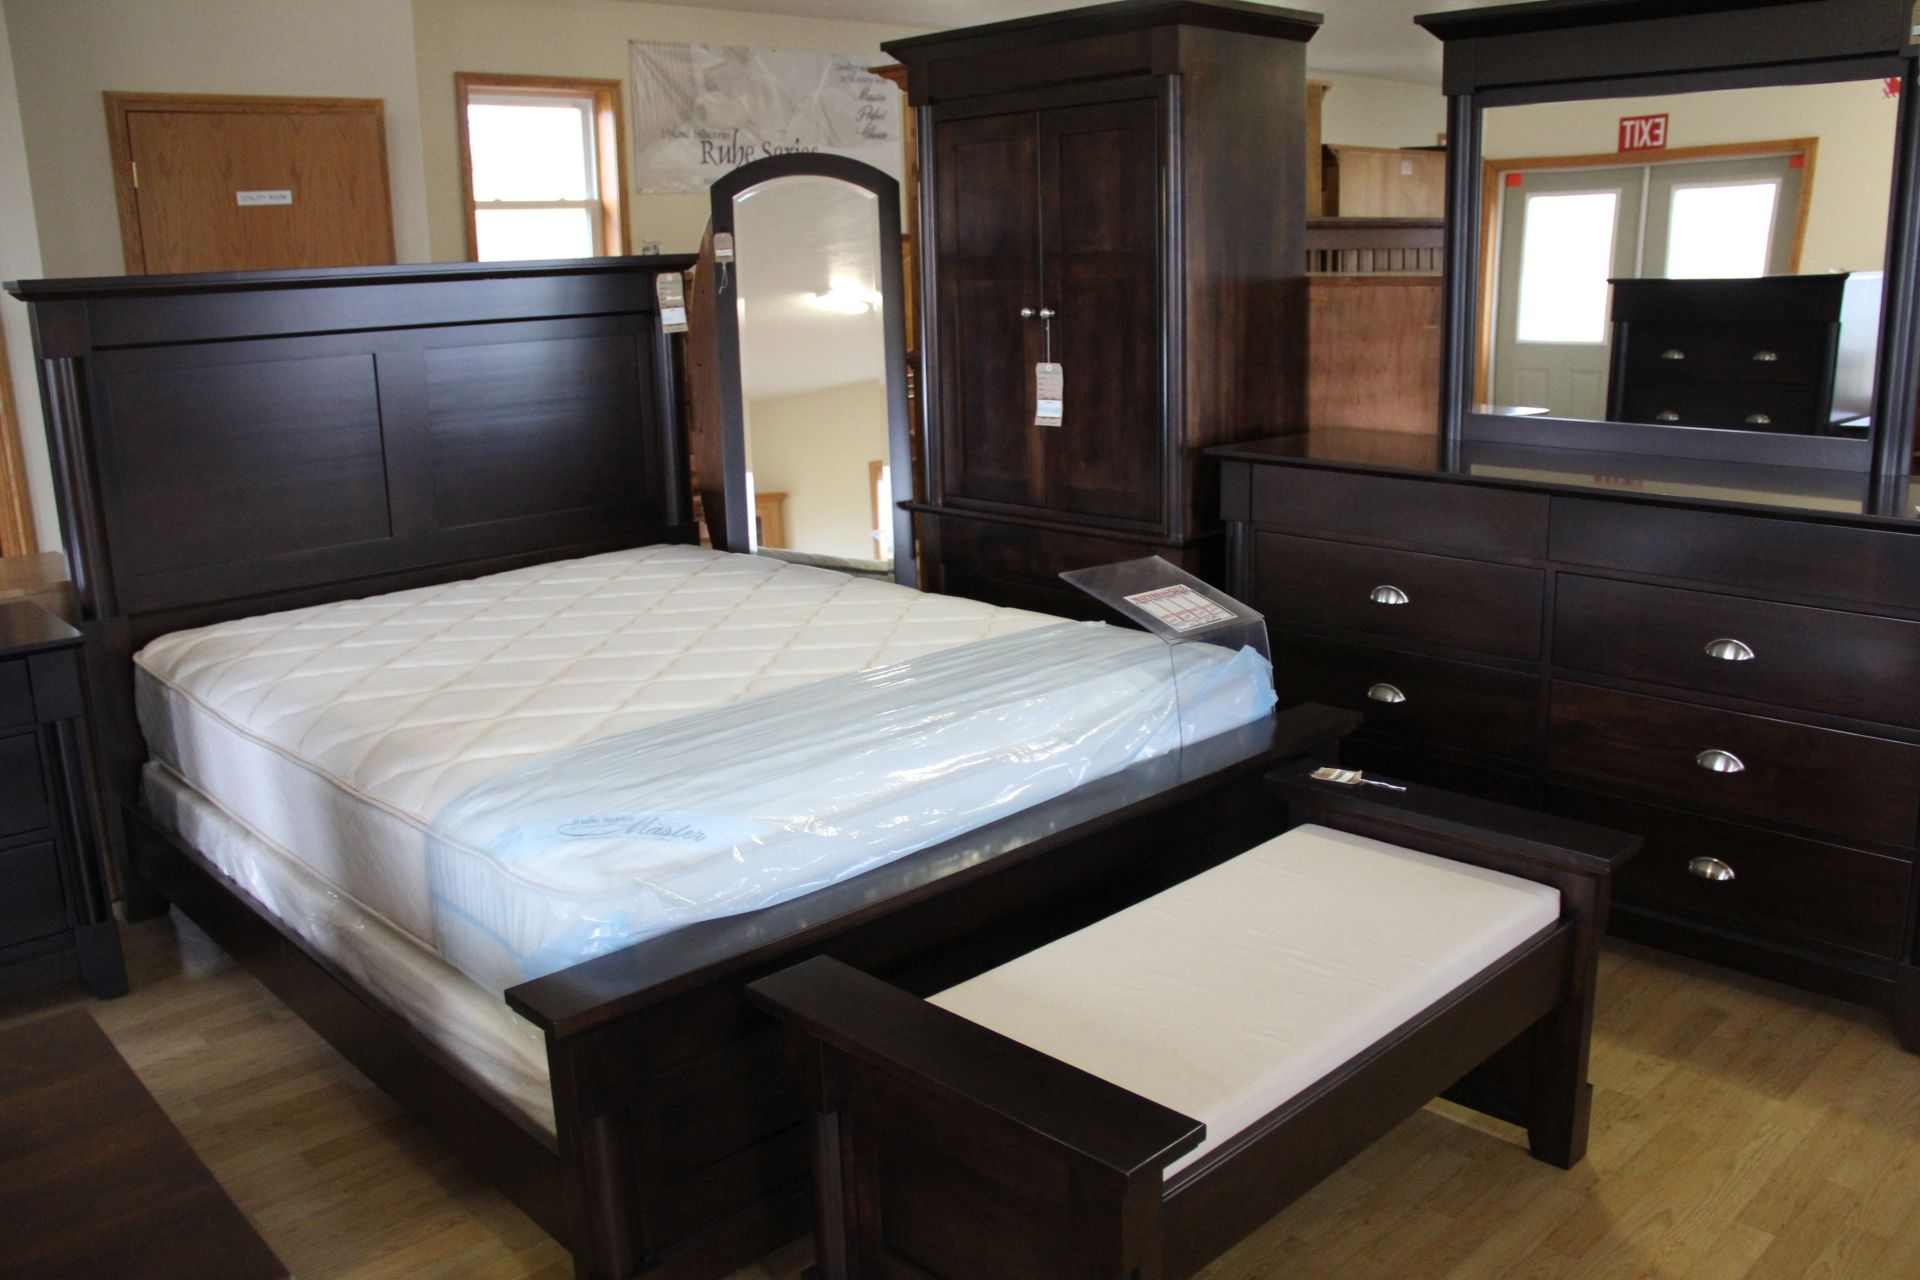 A splendid bedroom furniture set shopgf houston tx - Contemporary bedroom furniture houston ...